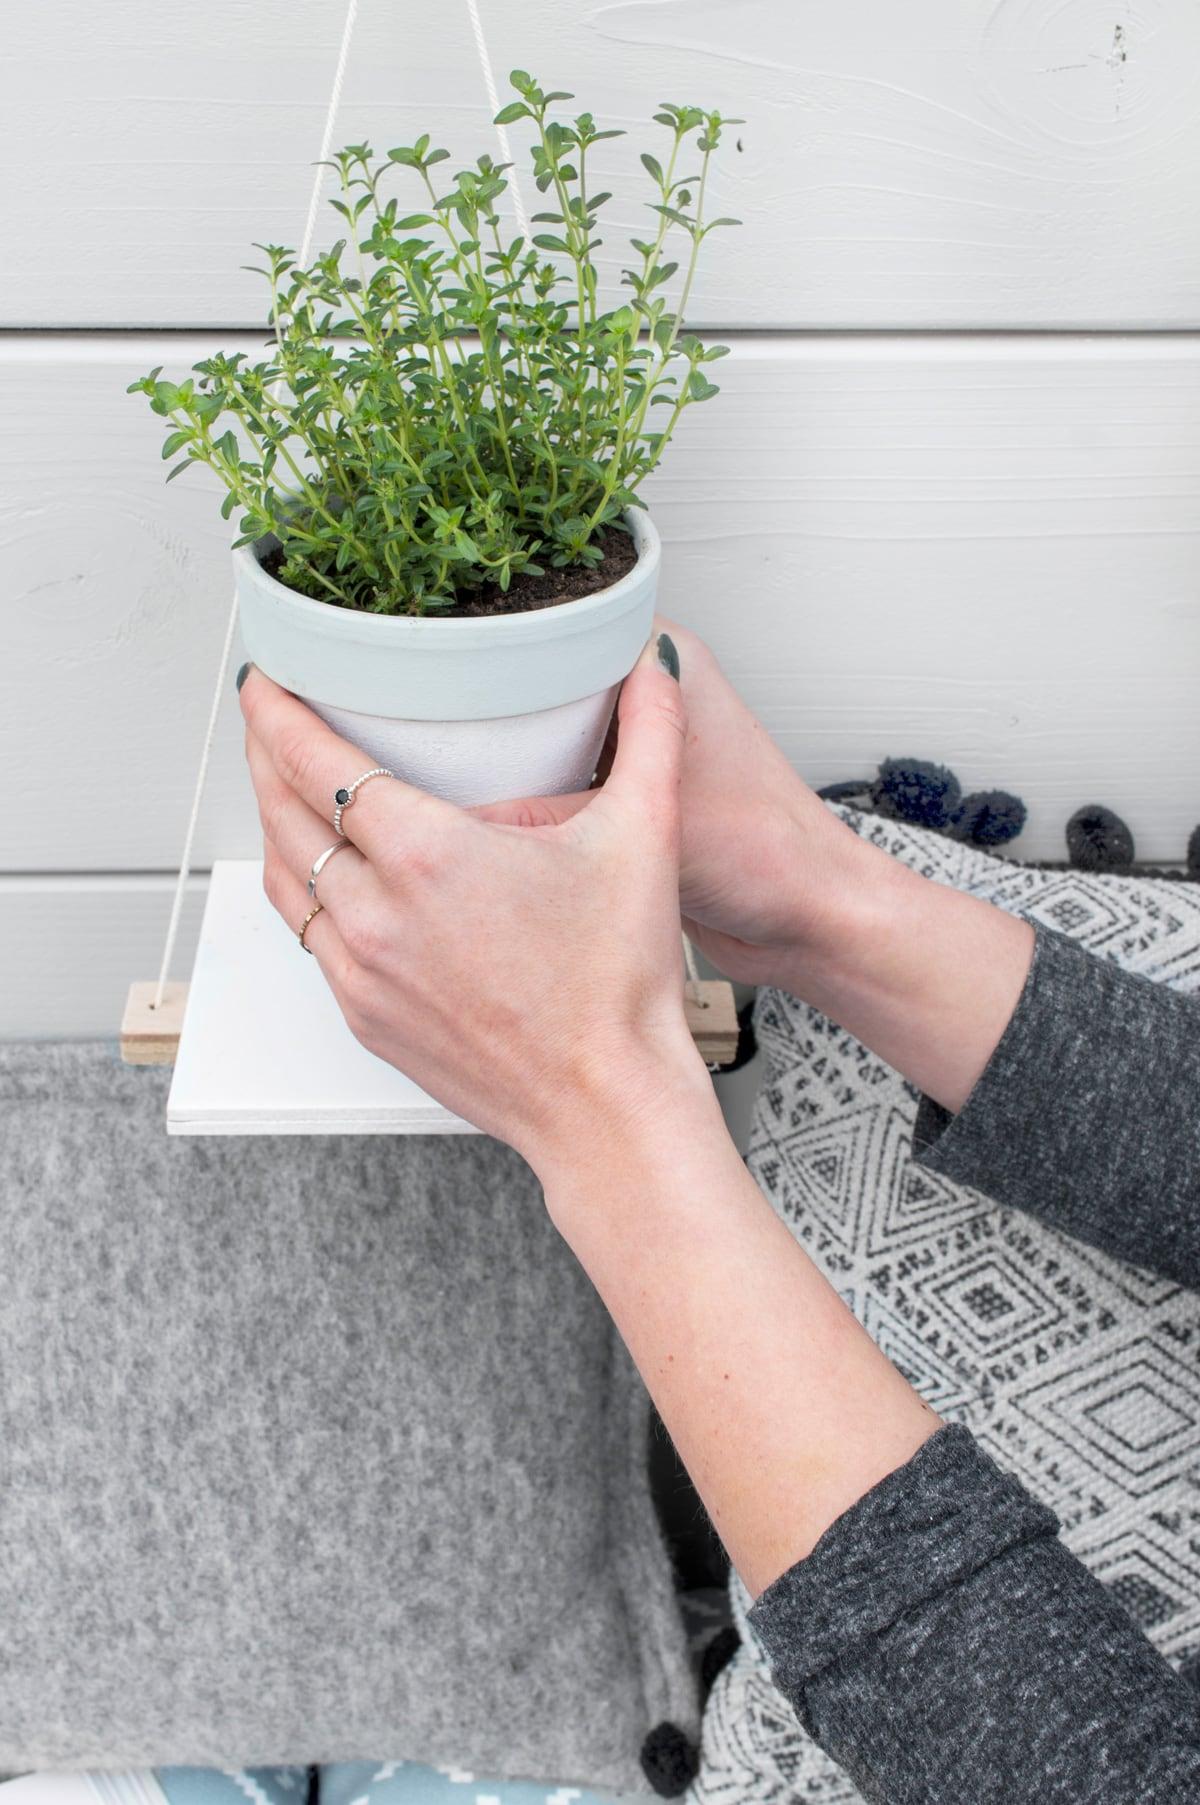 DIY plantenhouder verticale kruidentuin - Tanja van Hoogdalem voor vtwonen